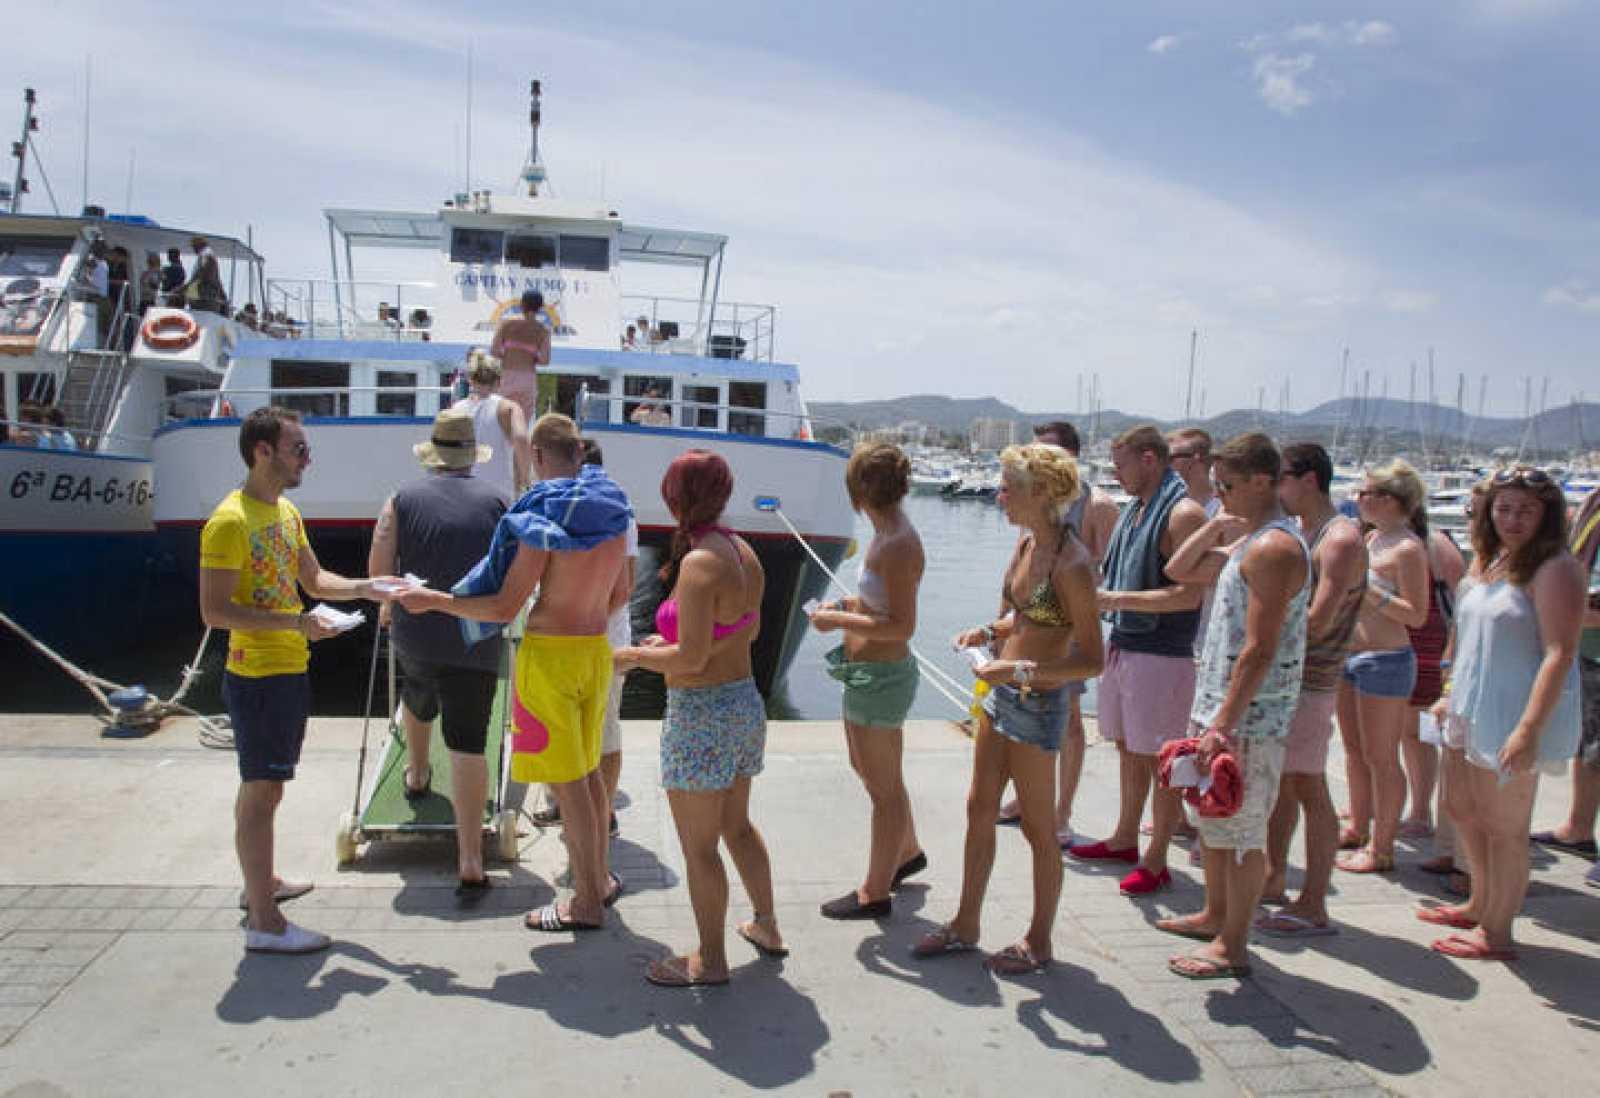 Imagen un joven recogiendo las entradas de los turistas que quieren acceder a un barco recreativo